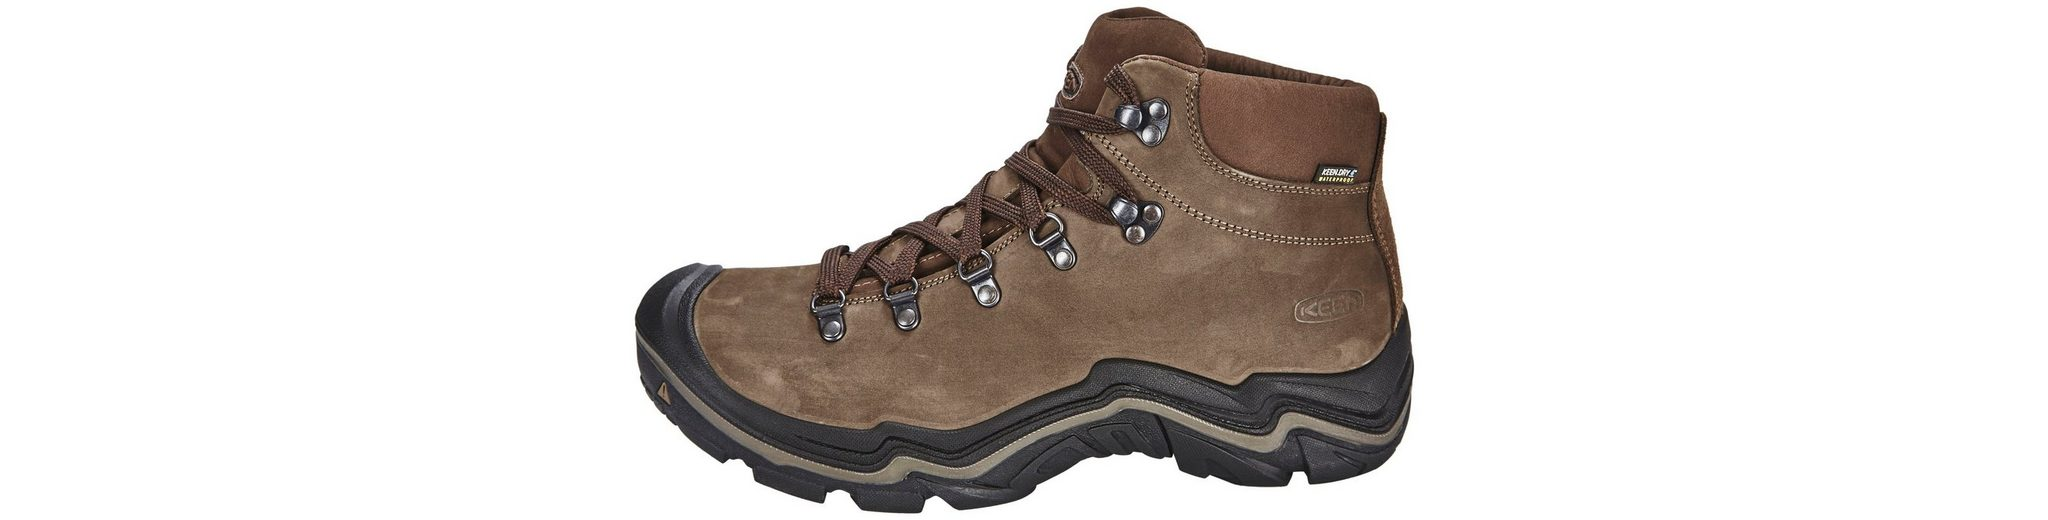 Keen Kletterschuh Feldberg WP Shoes Men Fälschen Zum Verkauf B5uCes8I